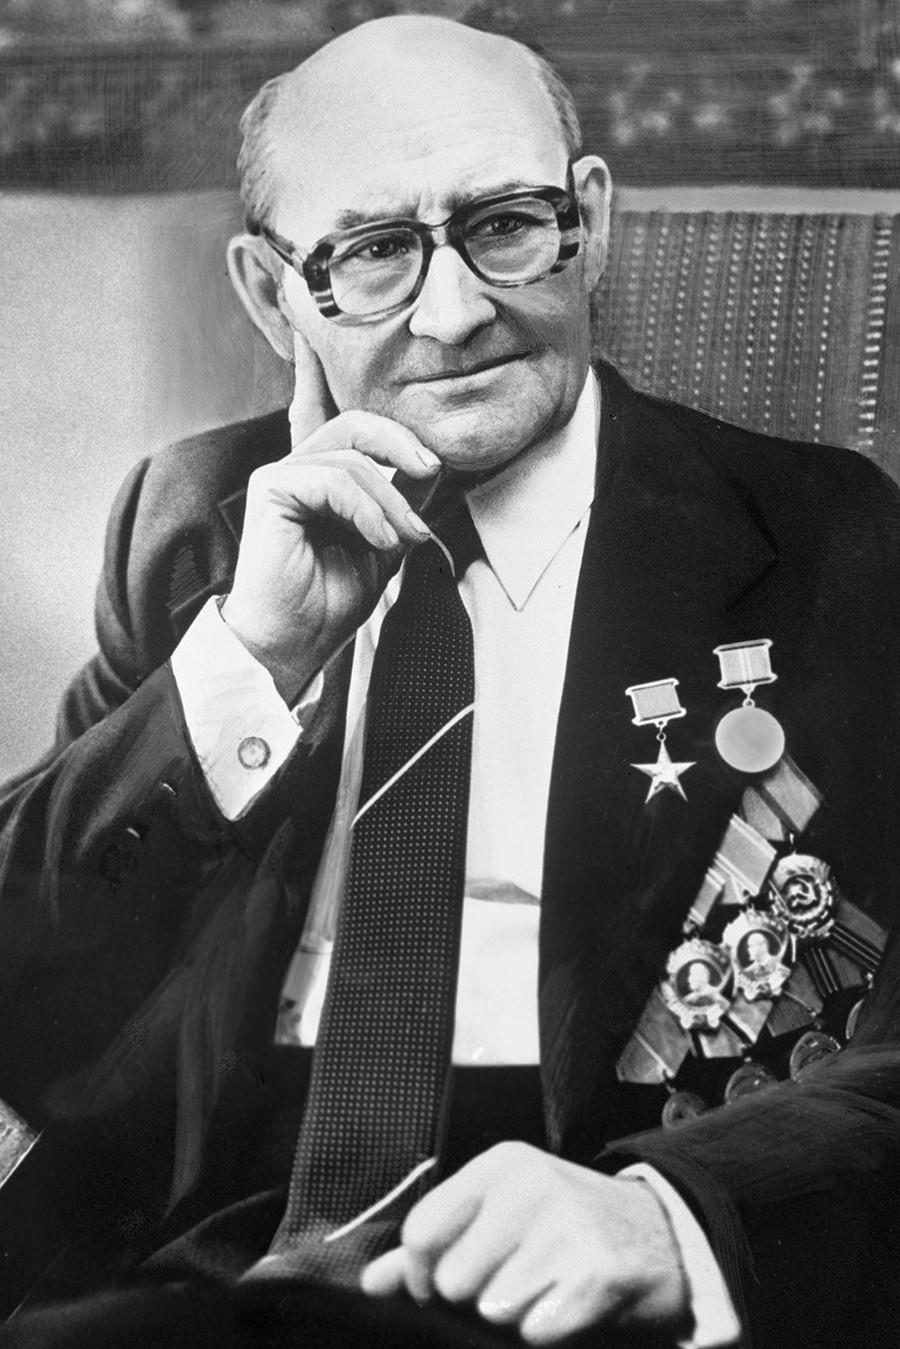 Nikolaj Fjodorovič Makarov, sovjetski konstruktor oružja. Heroj socijalističkog rada, dobitnik Staljinove nagrade i Državne nagrade SSSR-a. Počasni građanin Tulske oblasti.